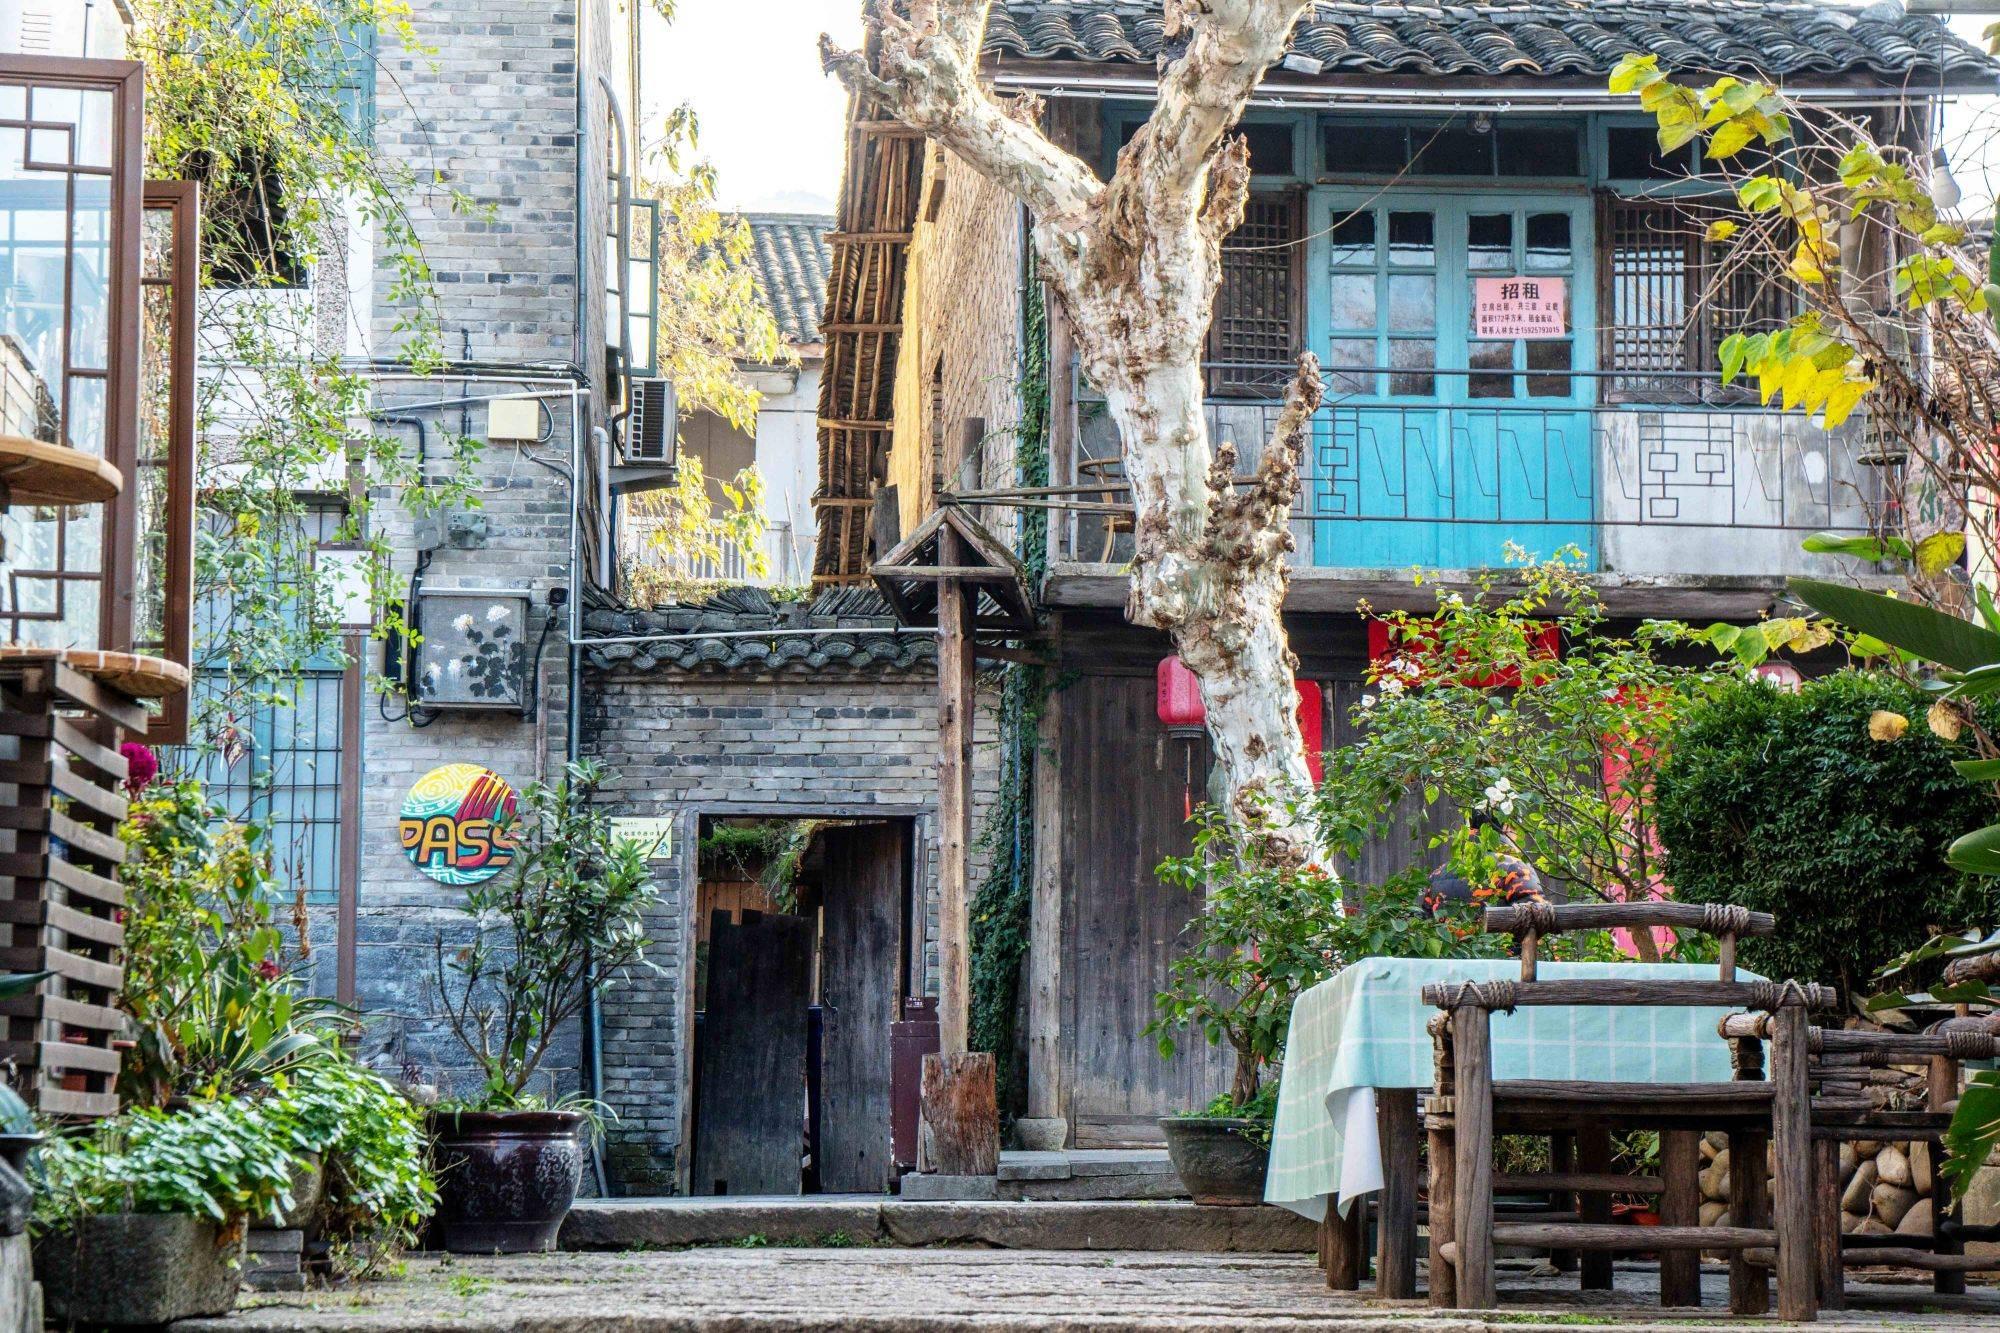 沉积了岁月与历史的江南小镇,依山傍水,风景如画,去过便难忘!